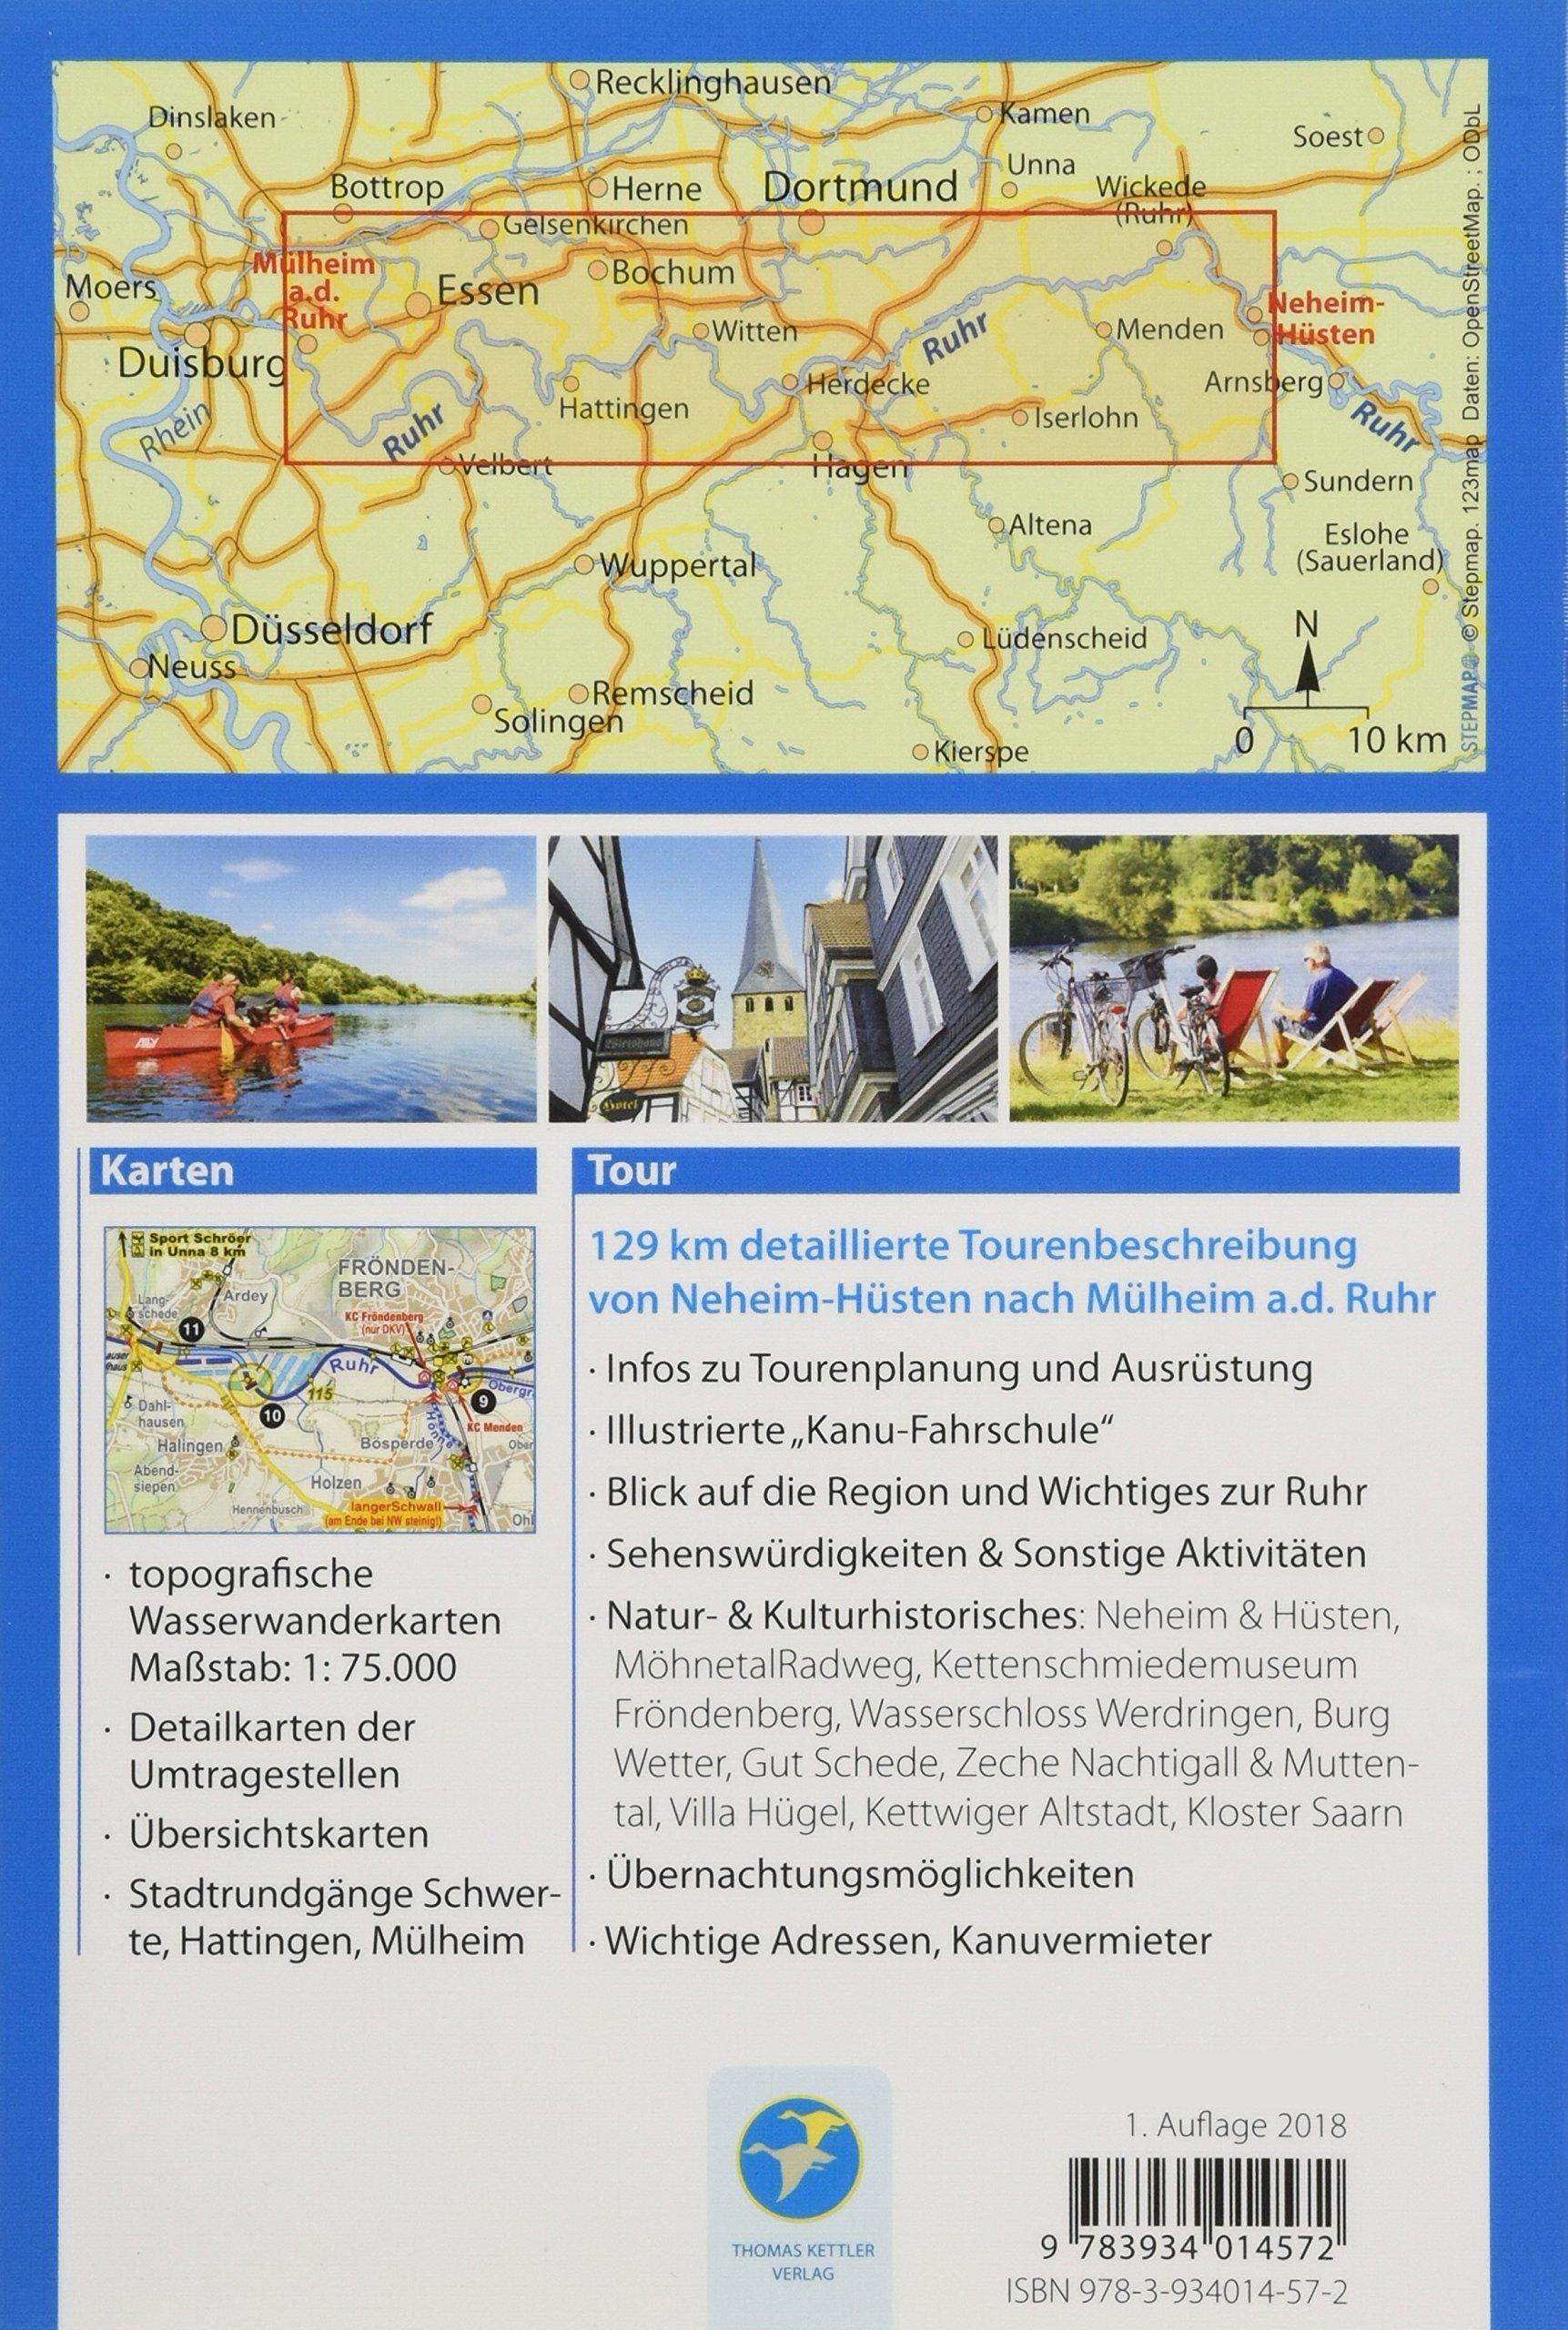 Kanu Kompakt Ruhr  Die Ruhr von Neheim-Hüsten nach Mülheim a.d. Ruhr mit  topografischen Wasserwanderkarten  Amazon.de  Michael Hennemann  Bücher df6cb894b4